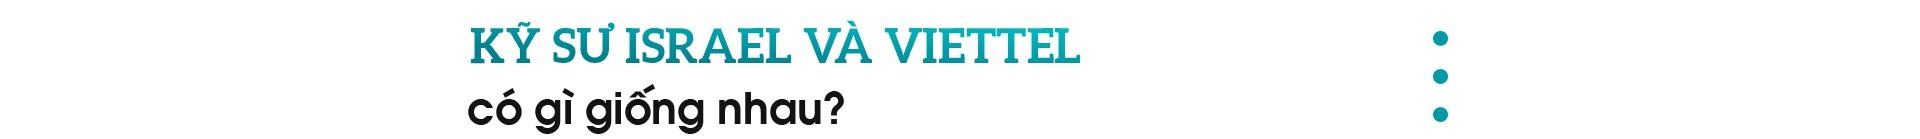 Giấc mơ của các kỹ sư Viettel - Ảnh 1.